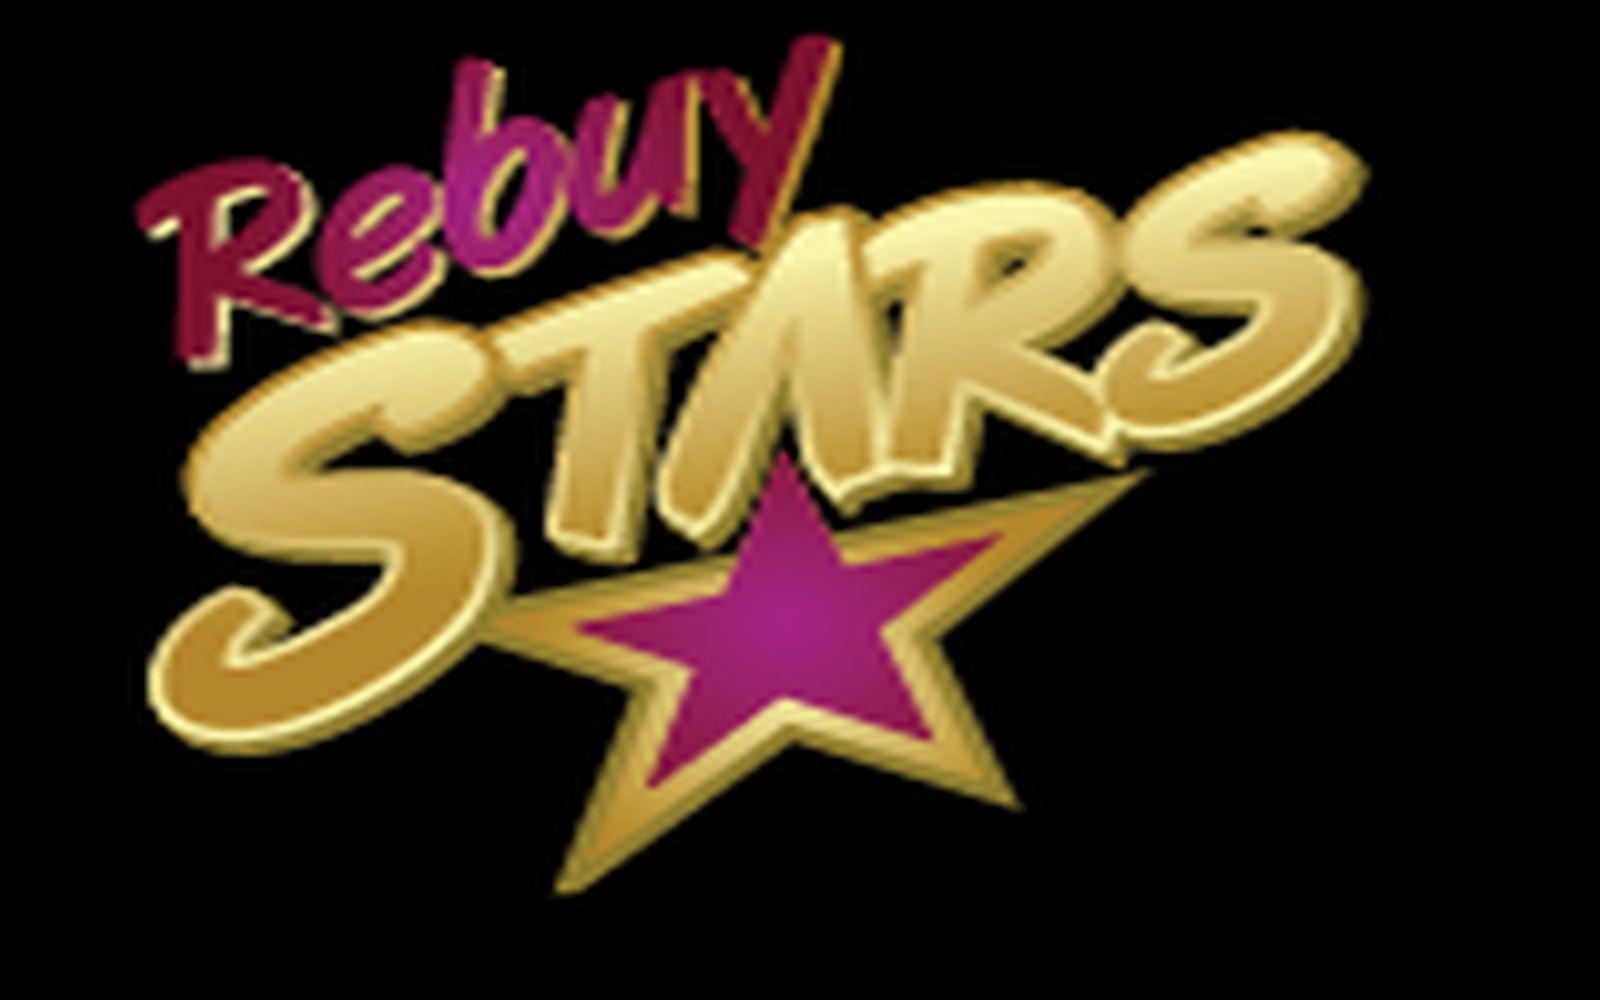 Rebuy Stars Luka